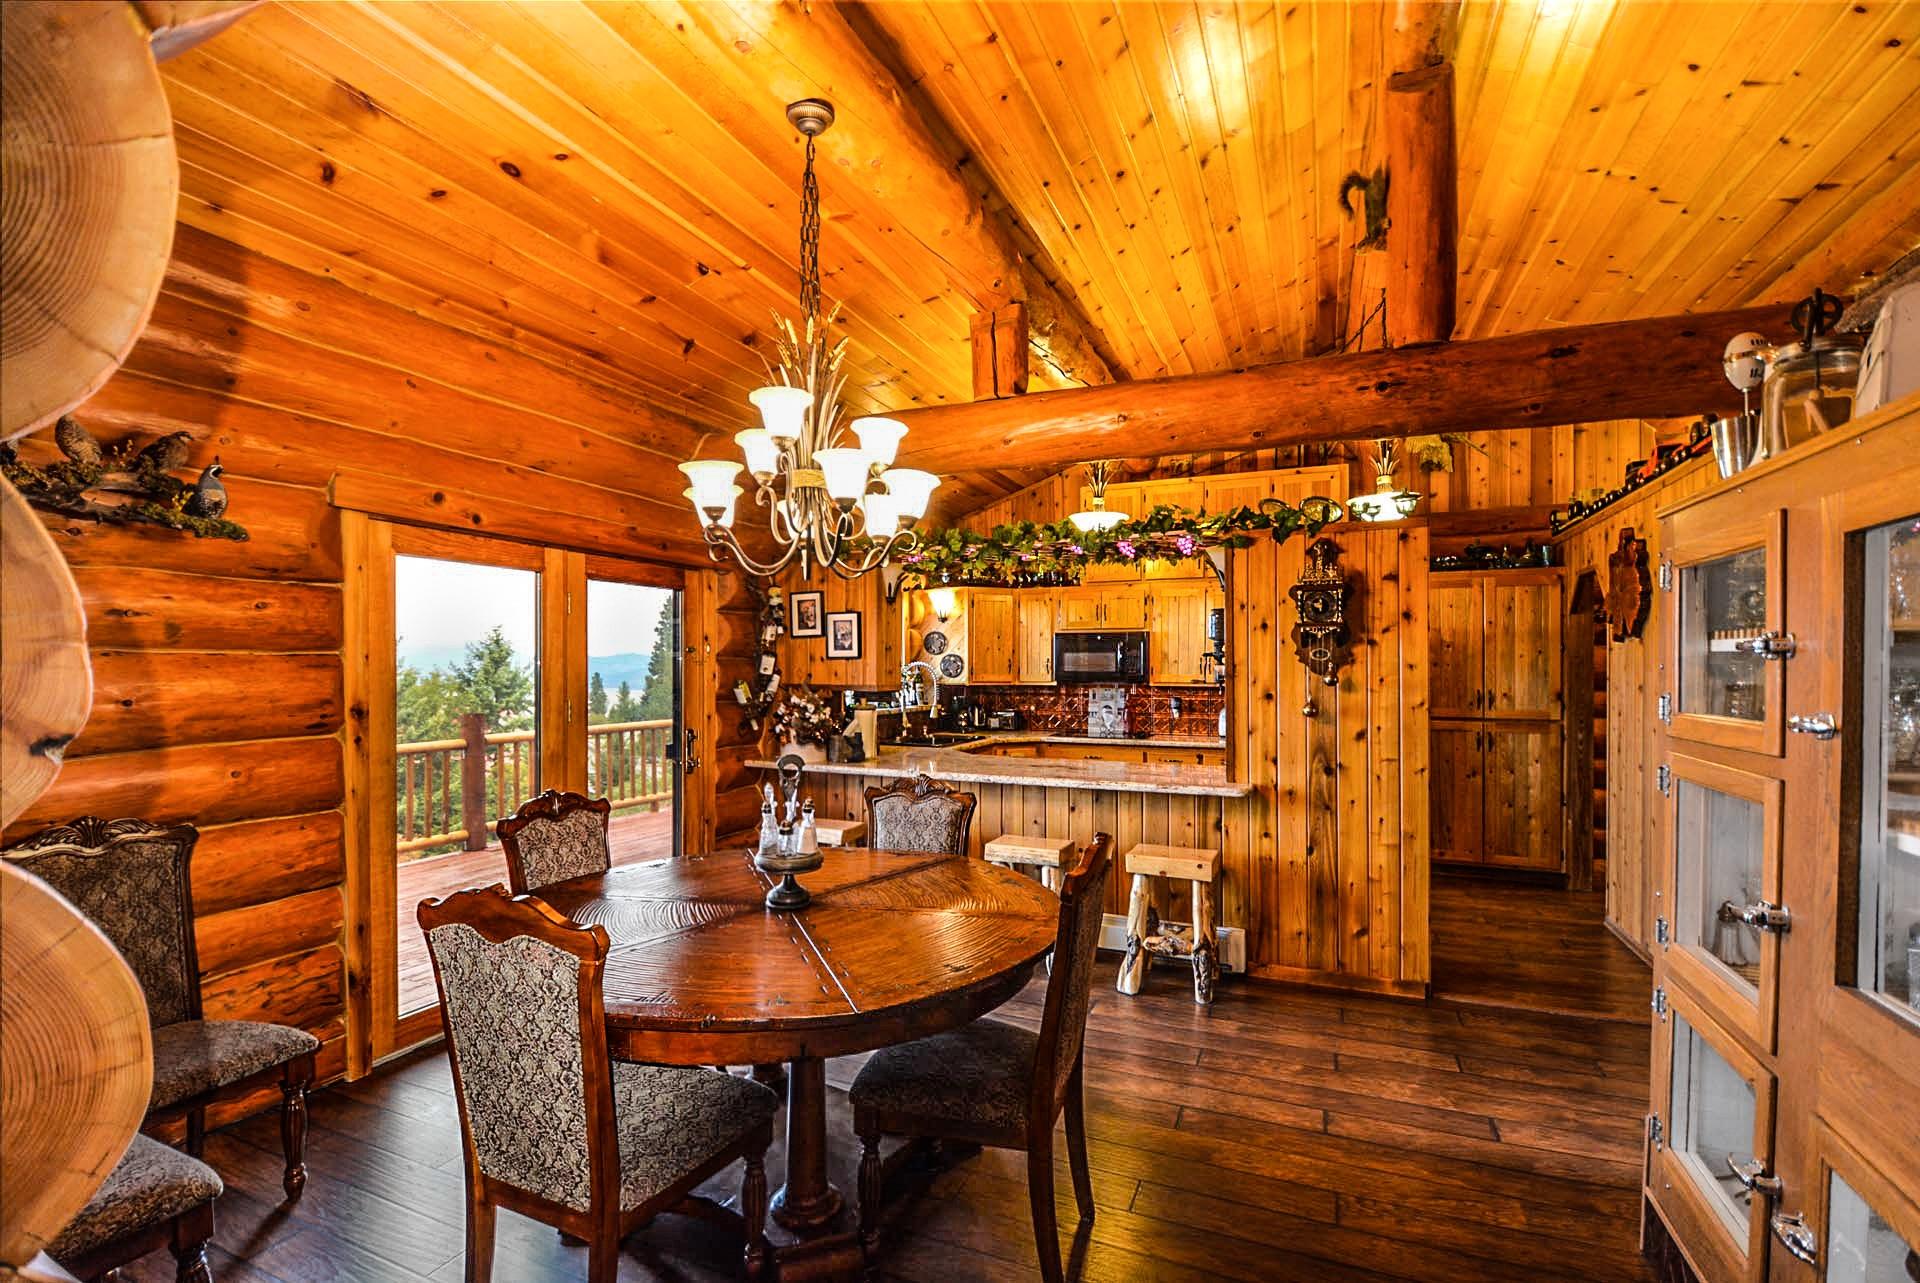 Images gratuites architecture bois maison int rieur - Maison interieur bois ...